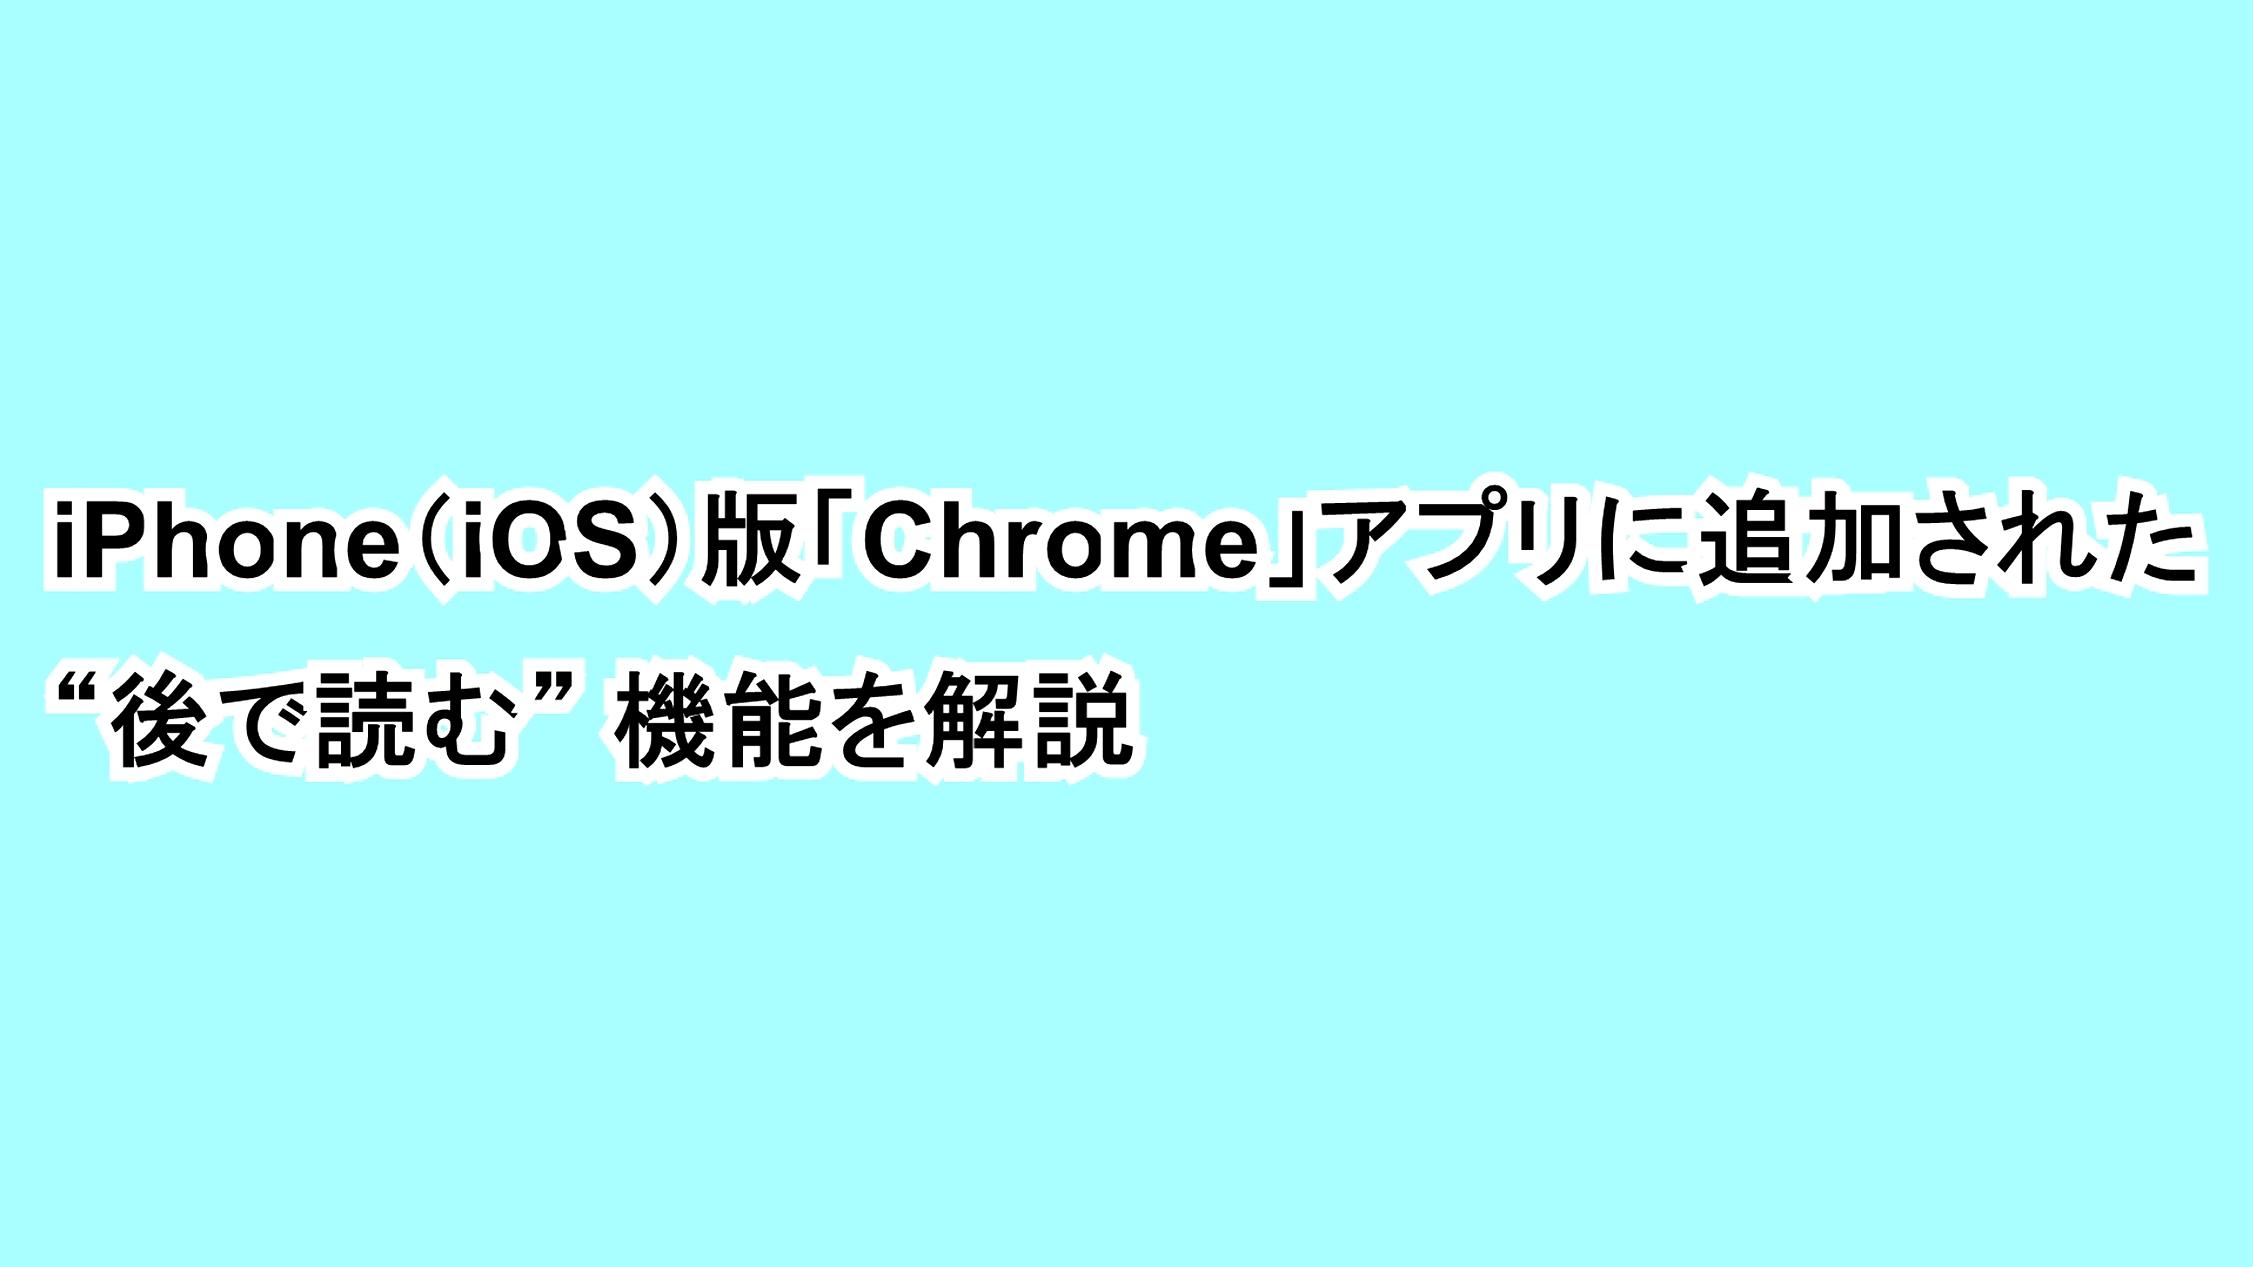 """iPhone(iOS)版「Chrome」アプリに追加された""""後で読む""""機能を解説"""